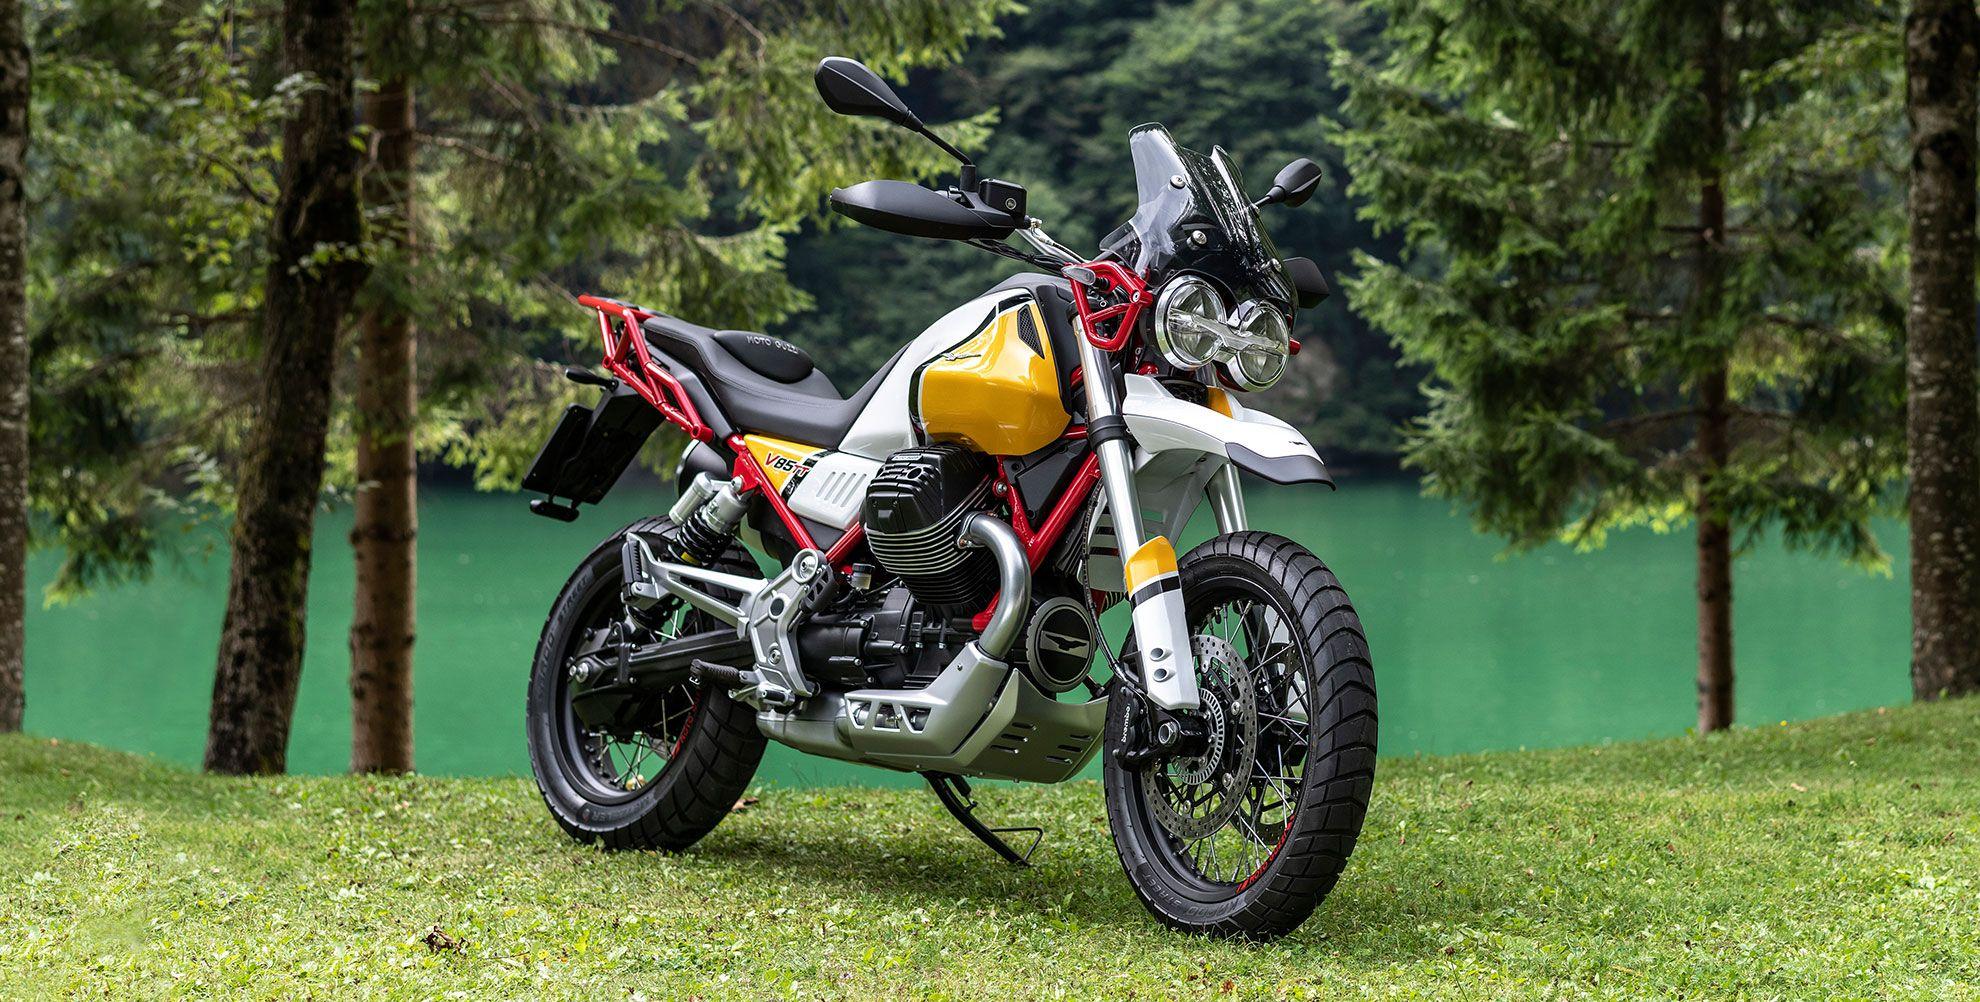 Grande successo per la Moto Guzzi più attesa sul mercato